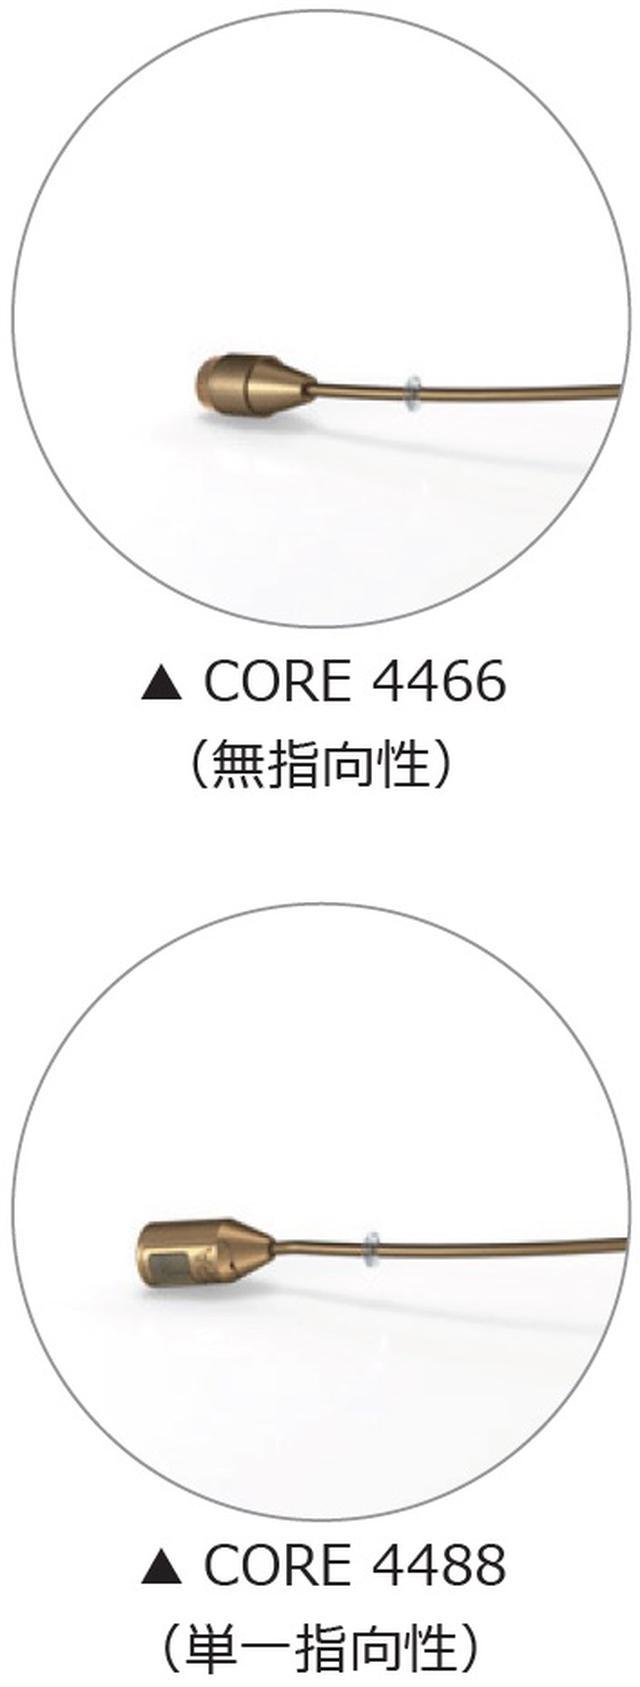 画像: 安定性と柔軟性、耐久性を実現。先進的なフレームを採用した高品位ヘッドセット・マイクロホン DPA Microphones 「CORE 4466」「CORE 4488」発売